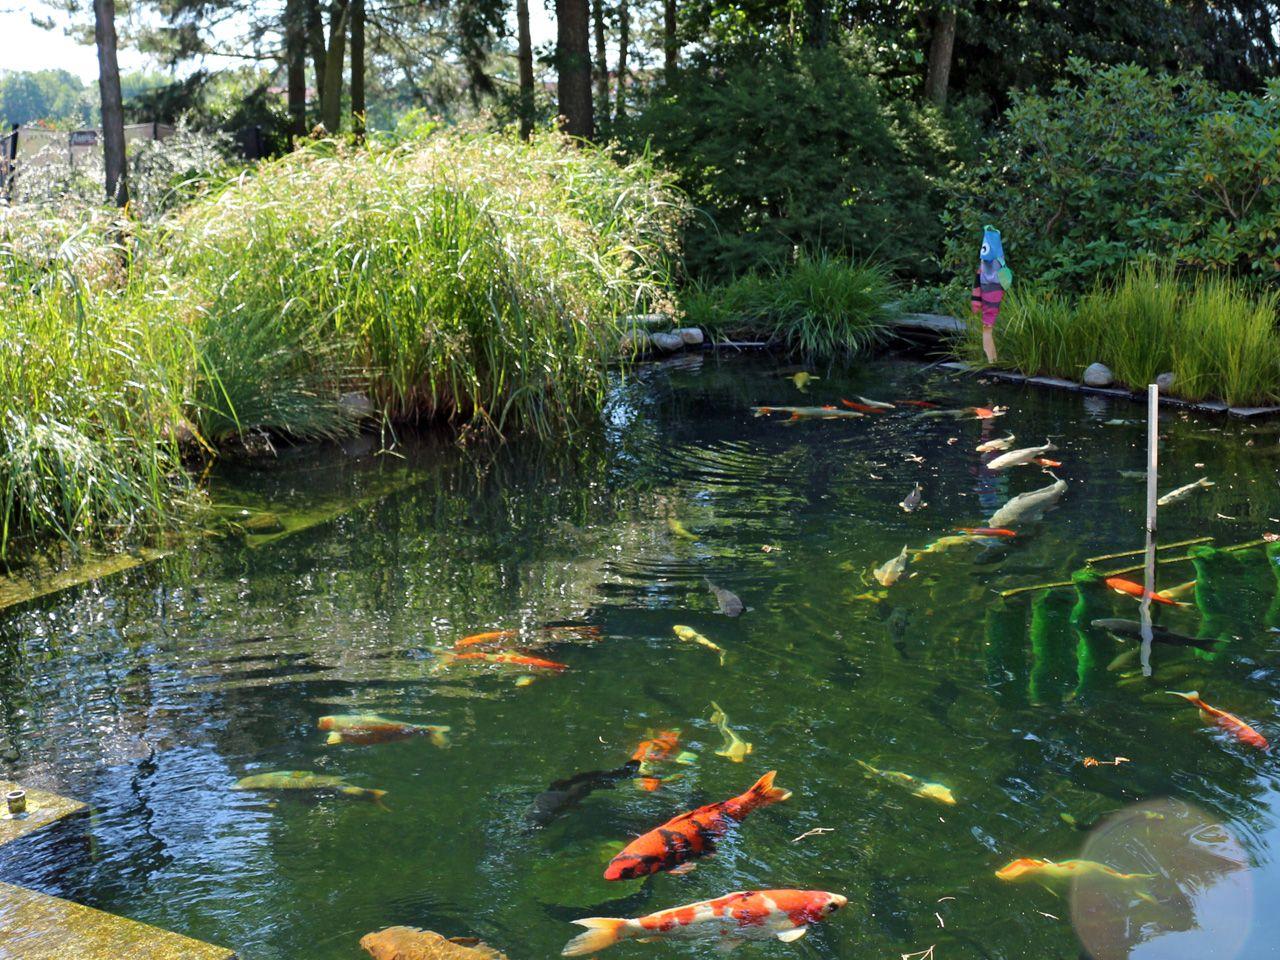 Koiteich mit bester wasserqualit t dank modernster for Koi und goldfische in einem teich